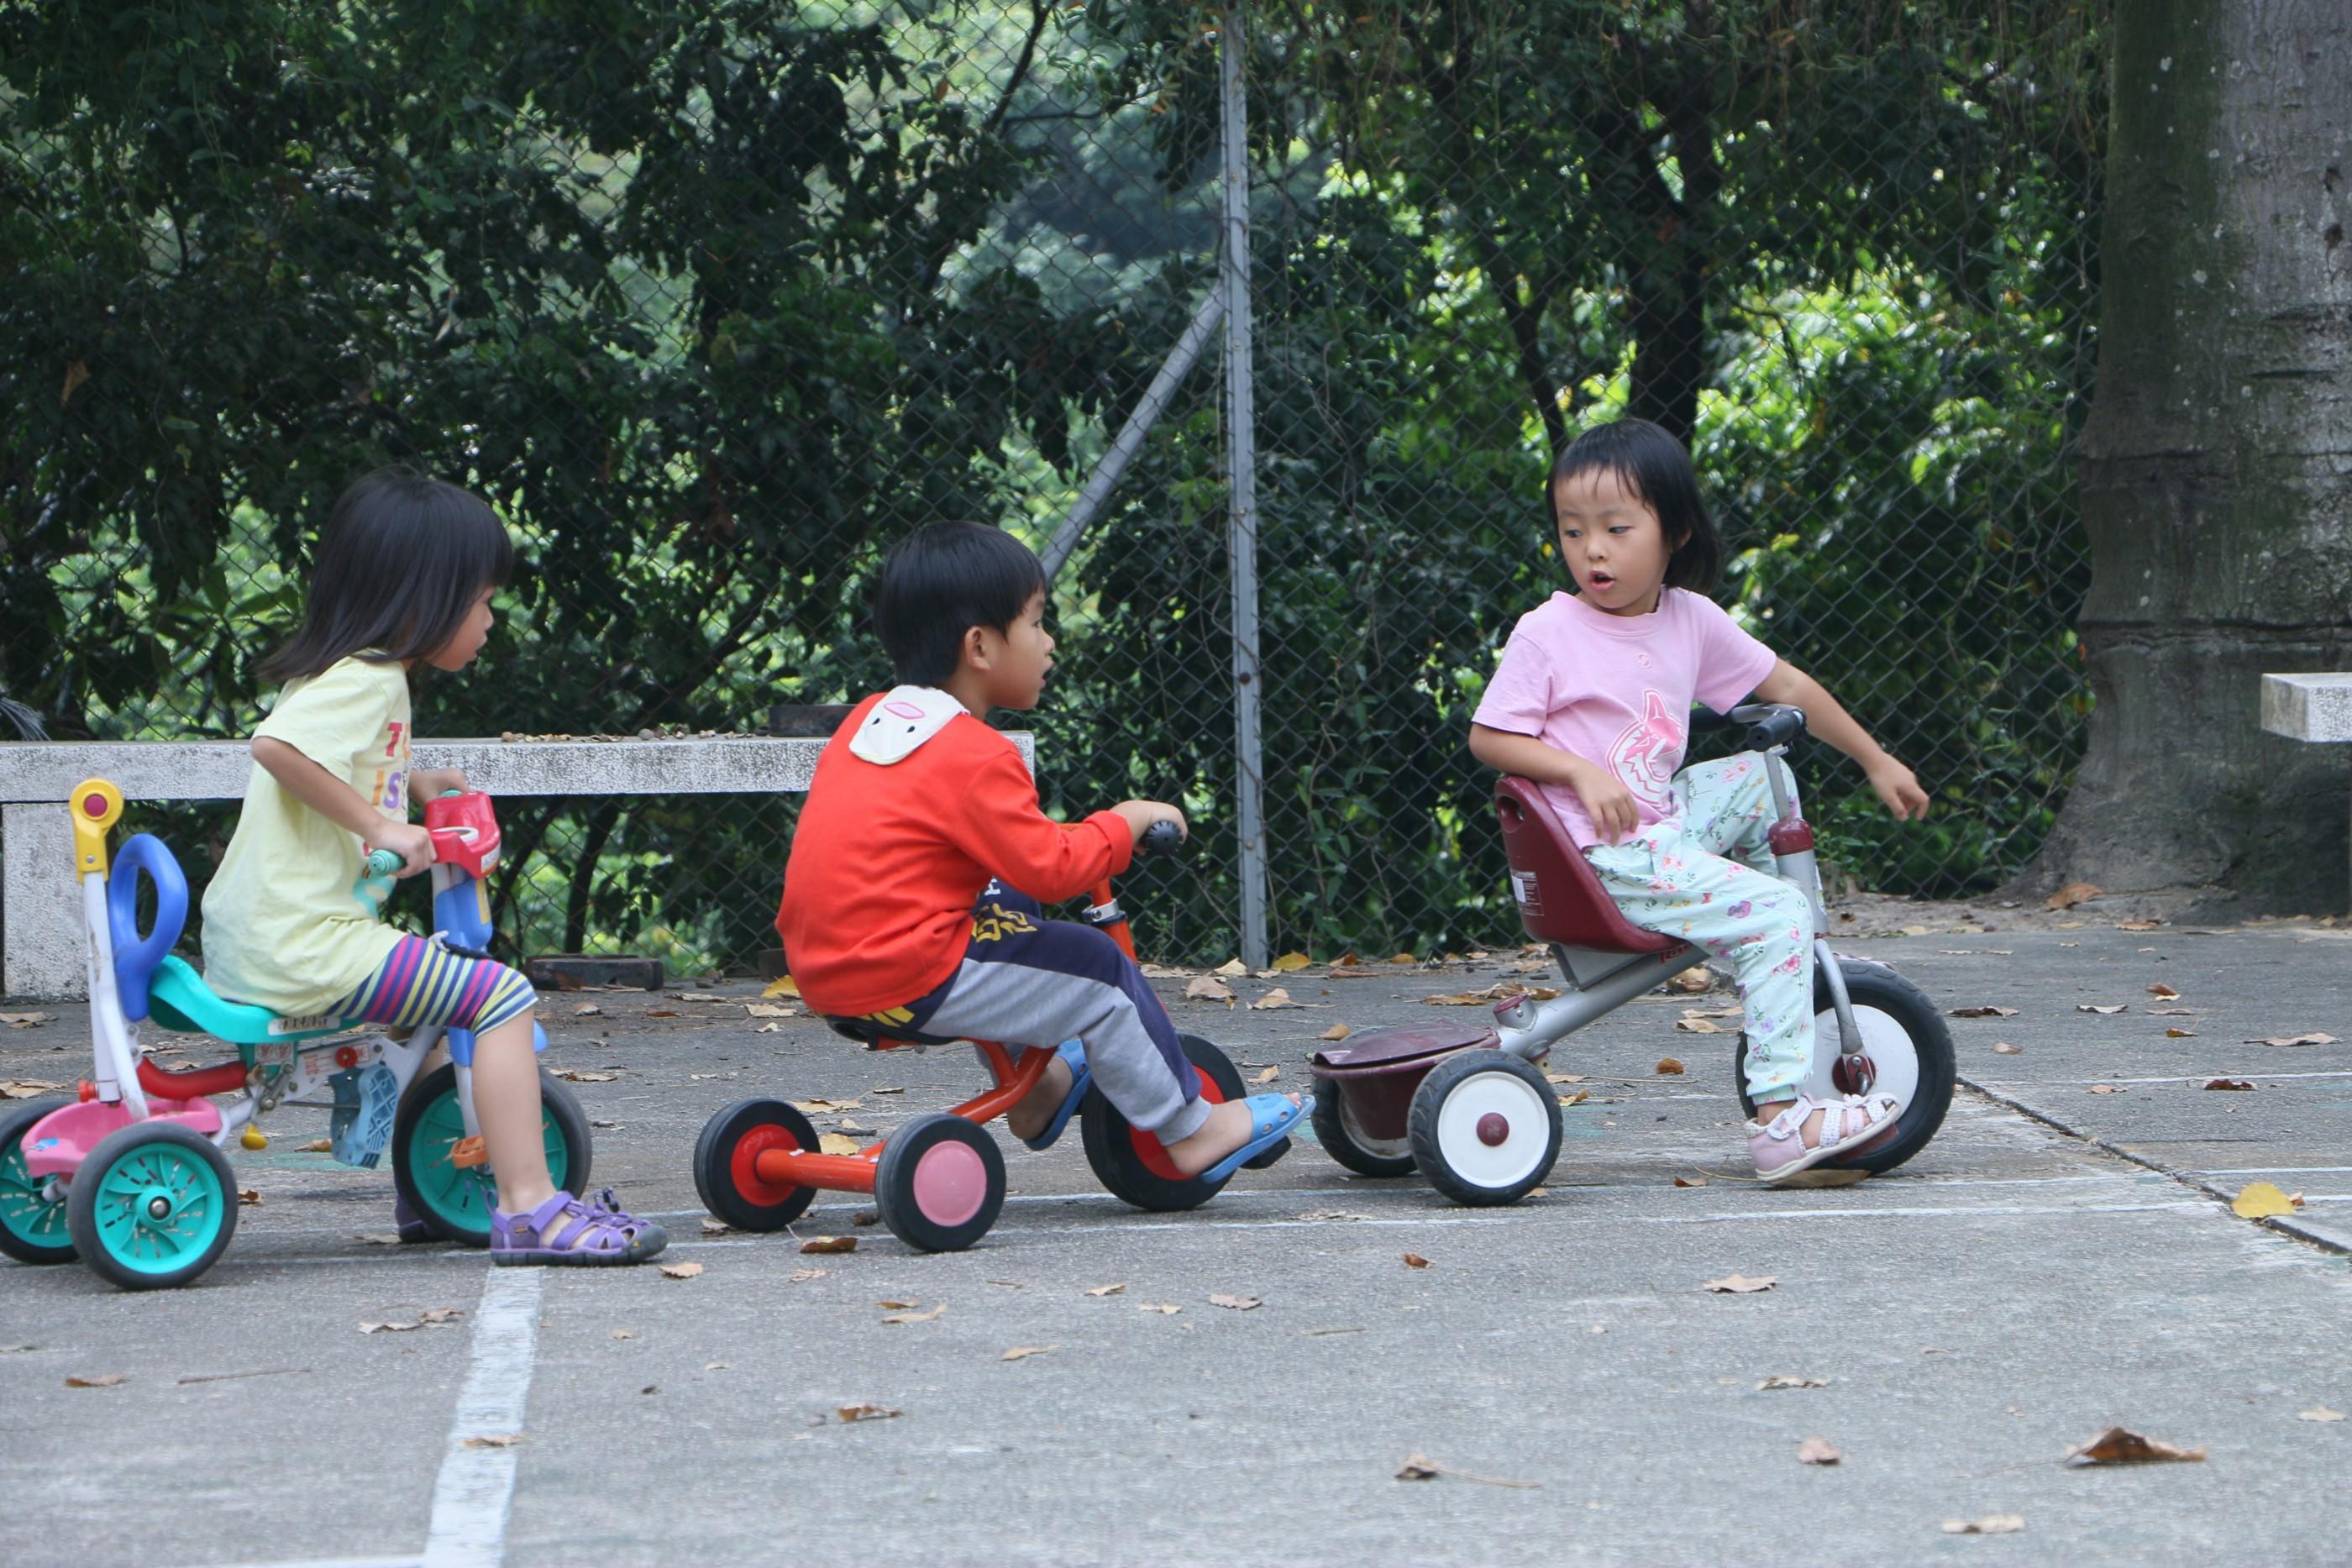 Hong Kong children free play